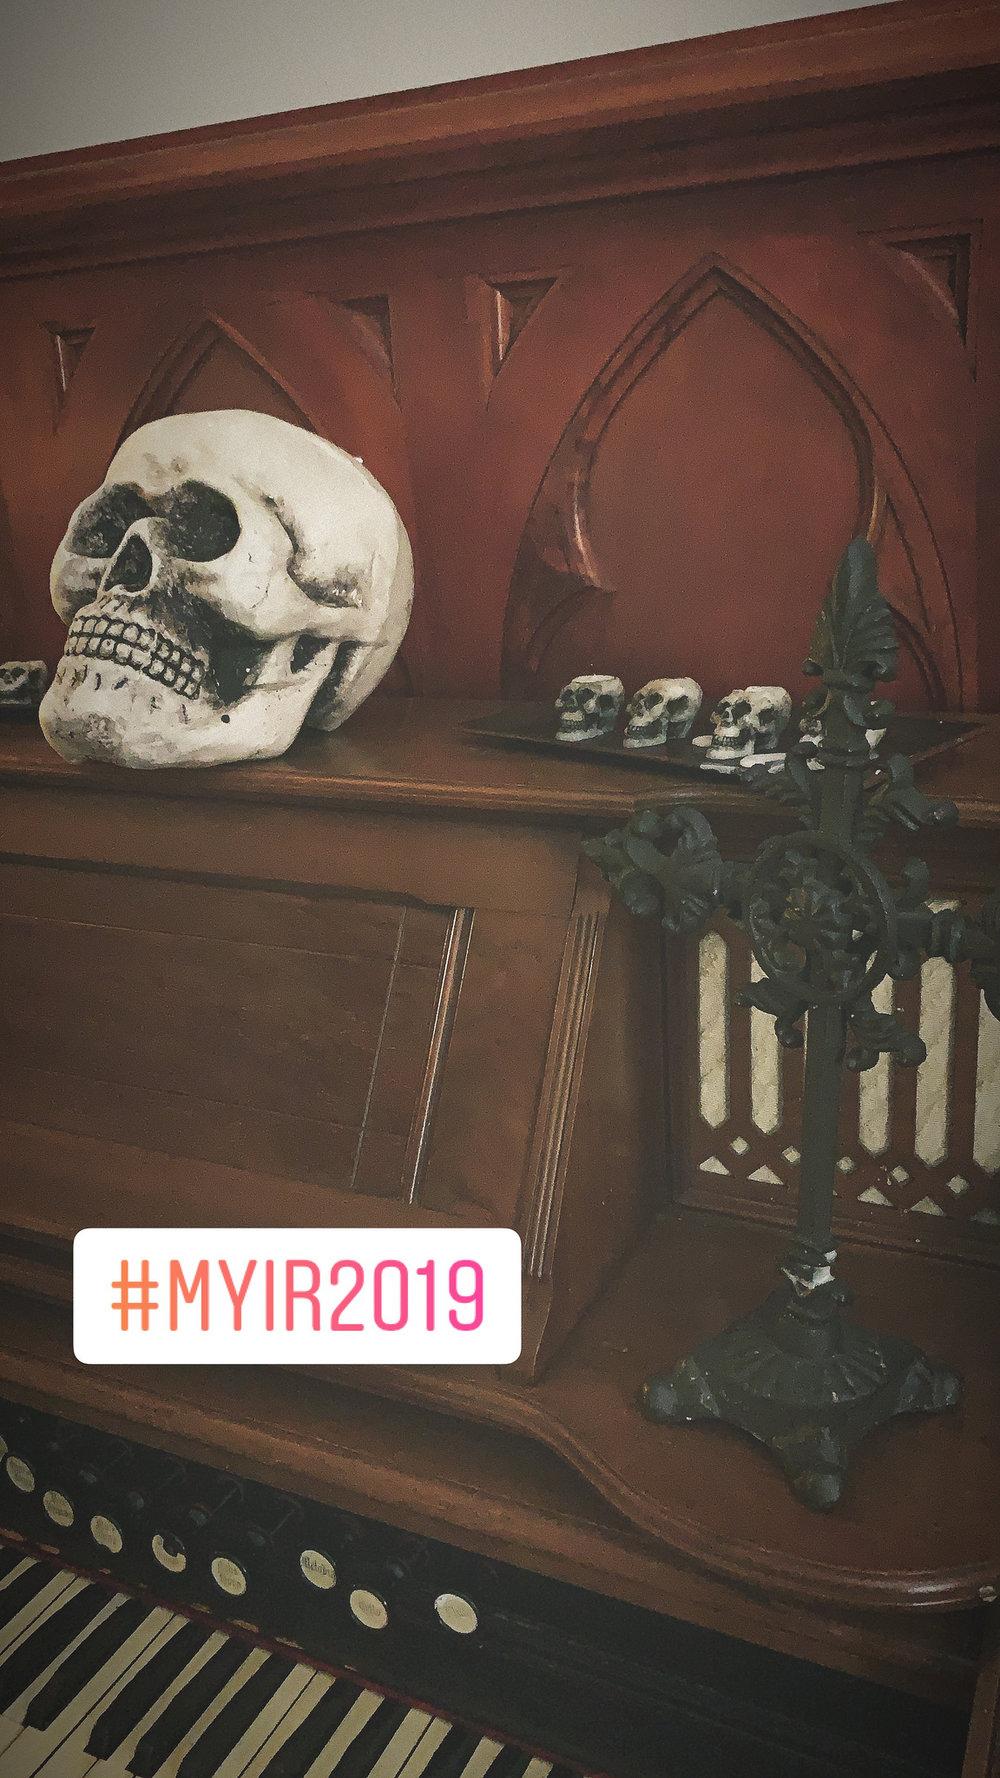 MYIR2019